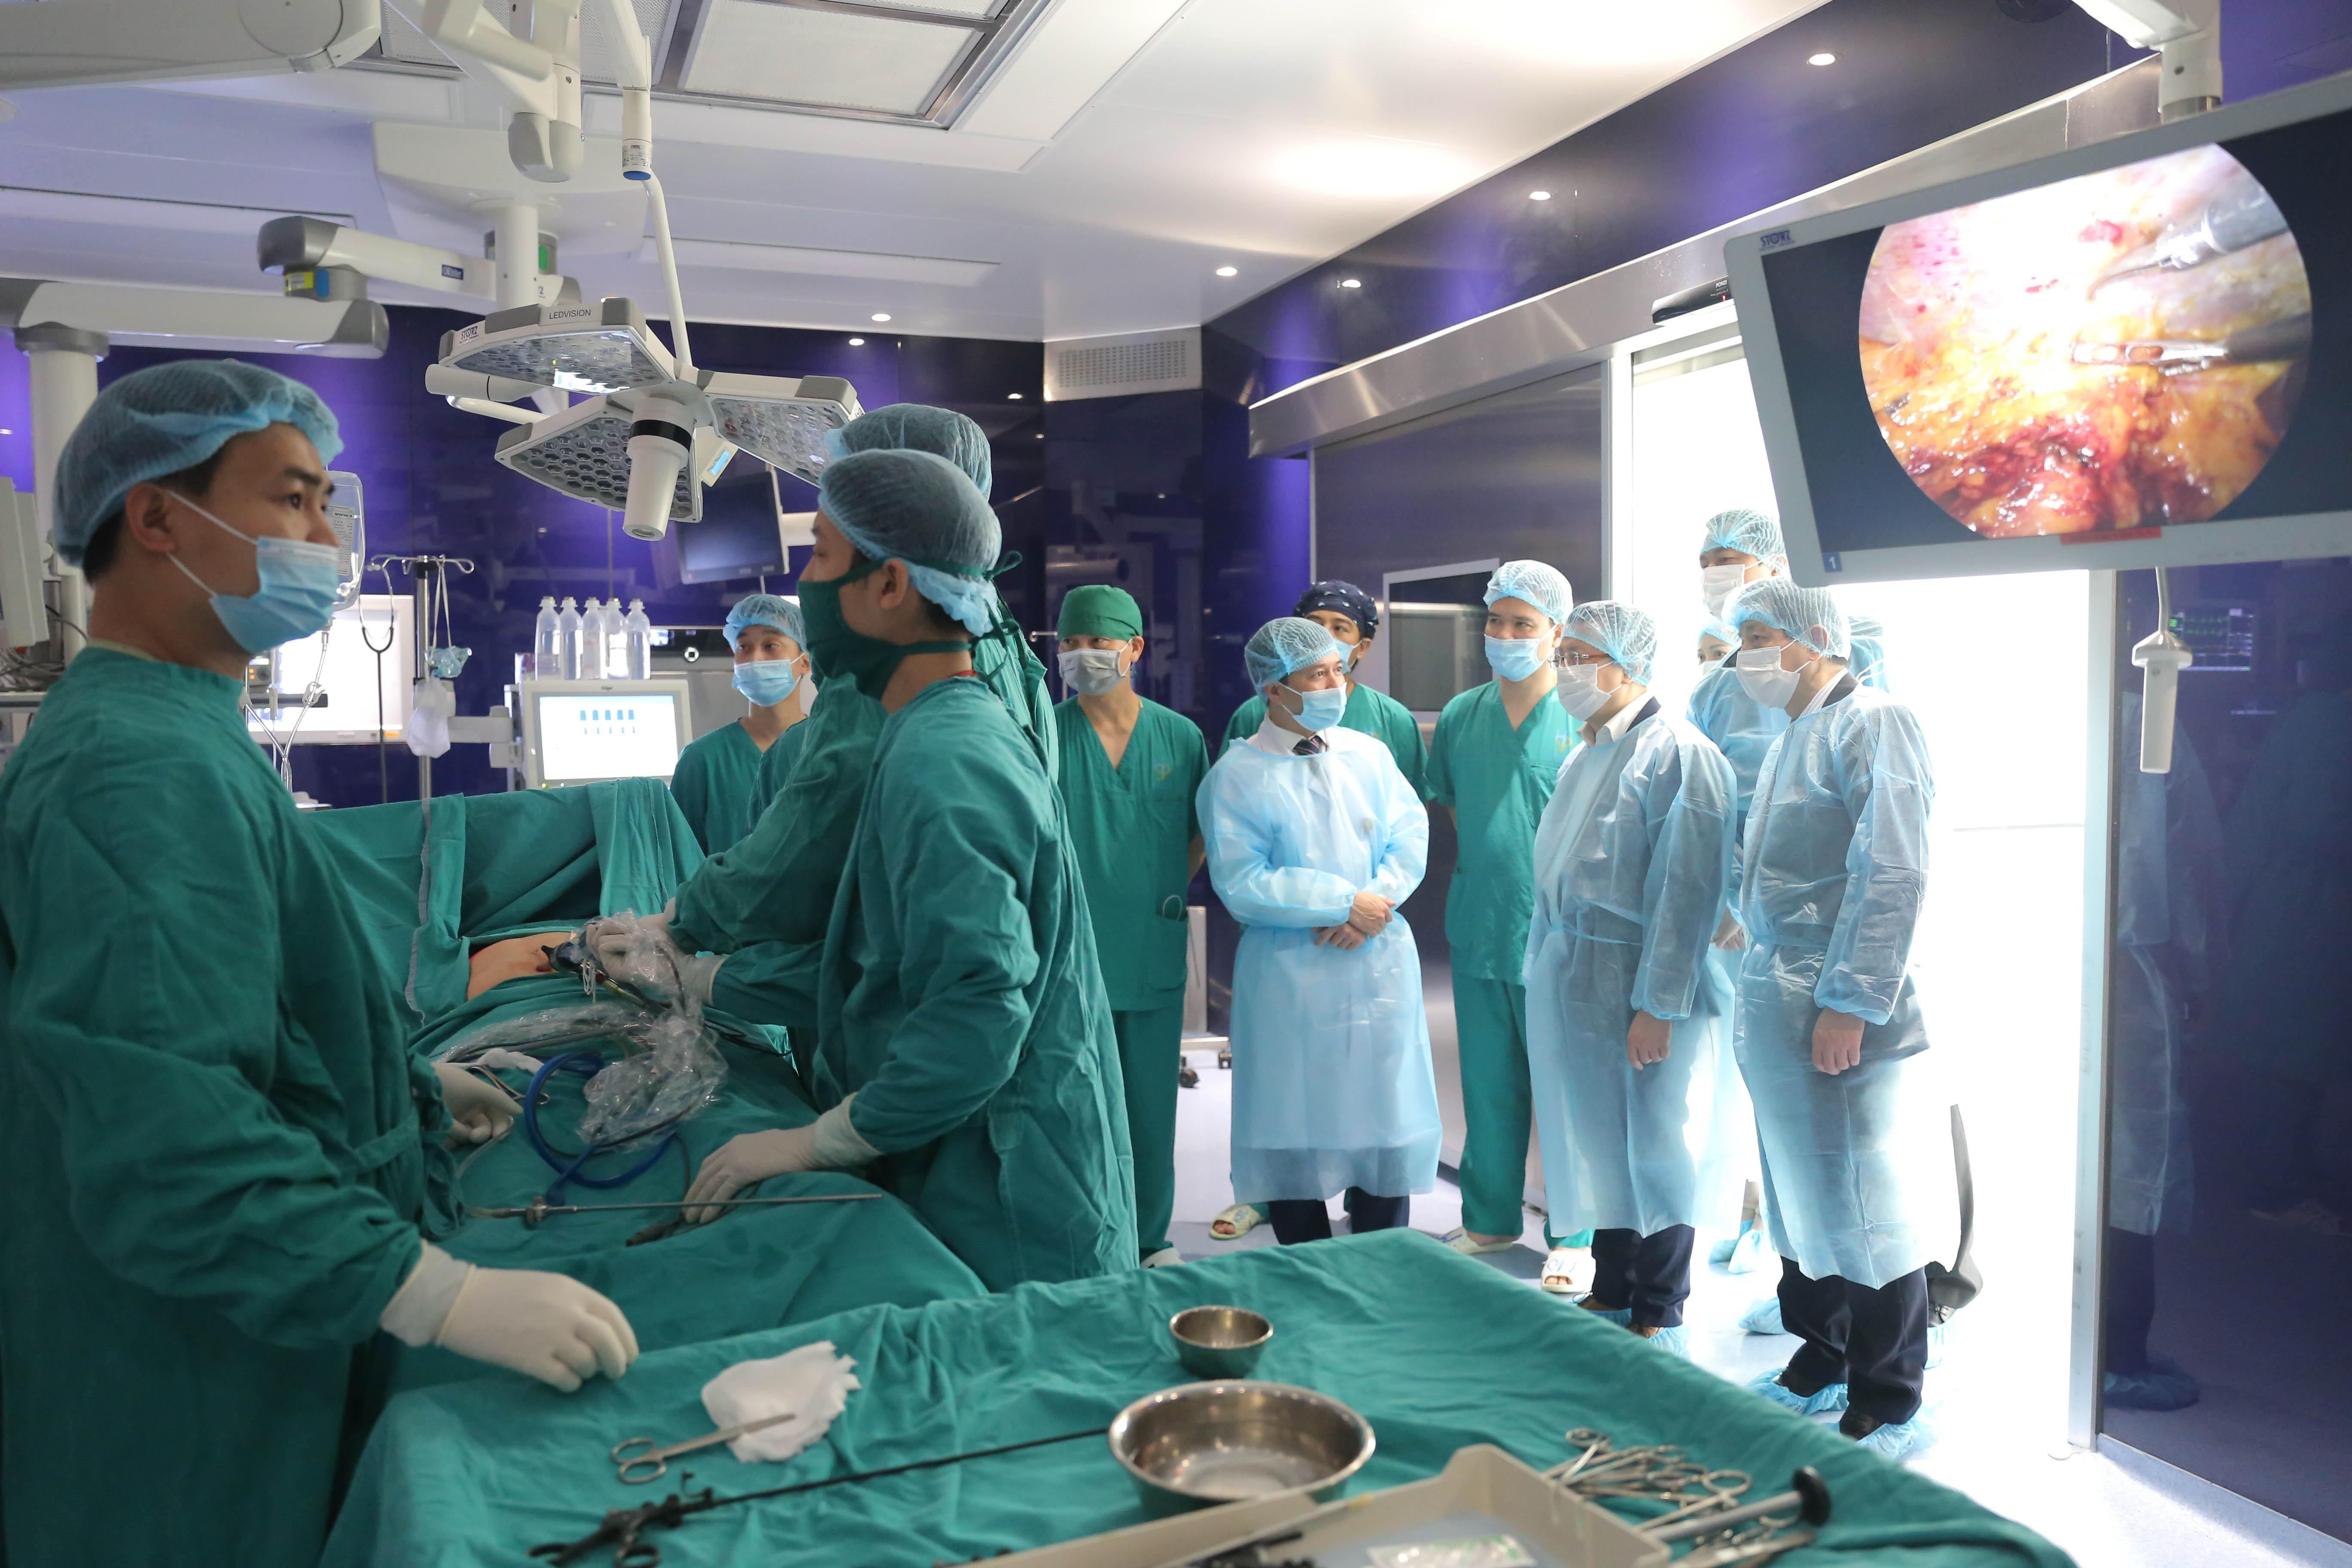 Một ca phẫu thuật tại Trung tâm kỹ thuật cao - Bệnh viện đa khoa Xanh Pôn (Hà Nội). Ảnh: (Hoàng Hiếu/TTXVN)